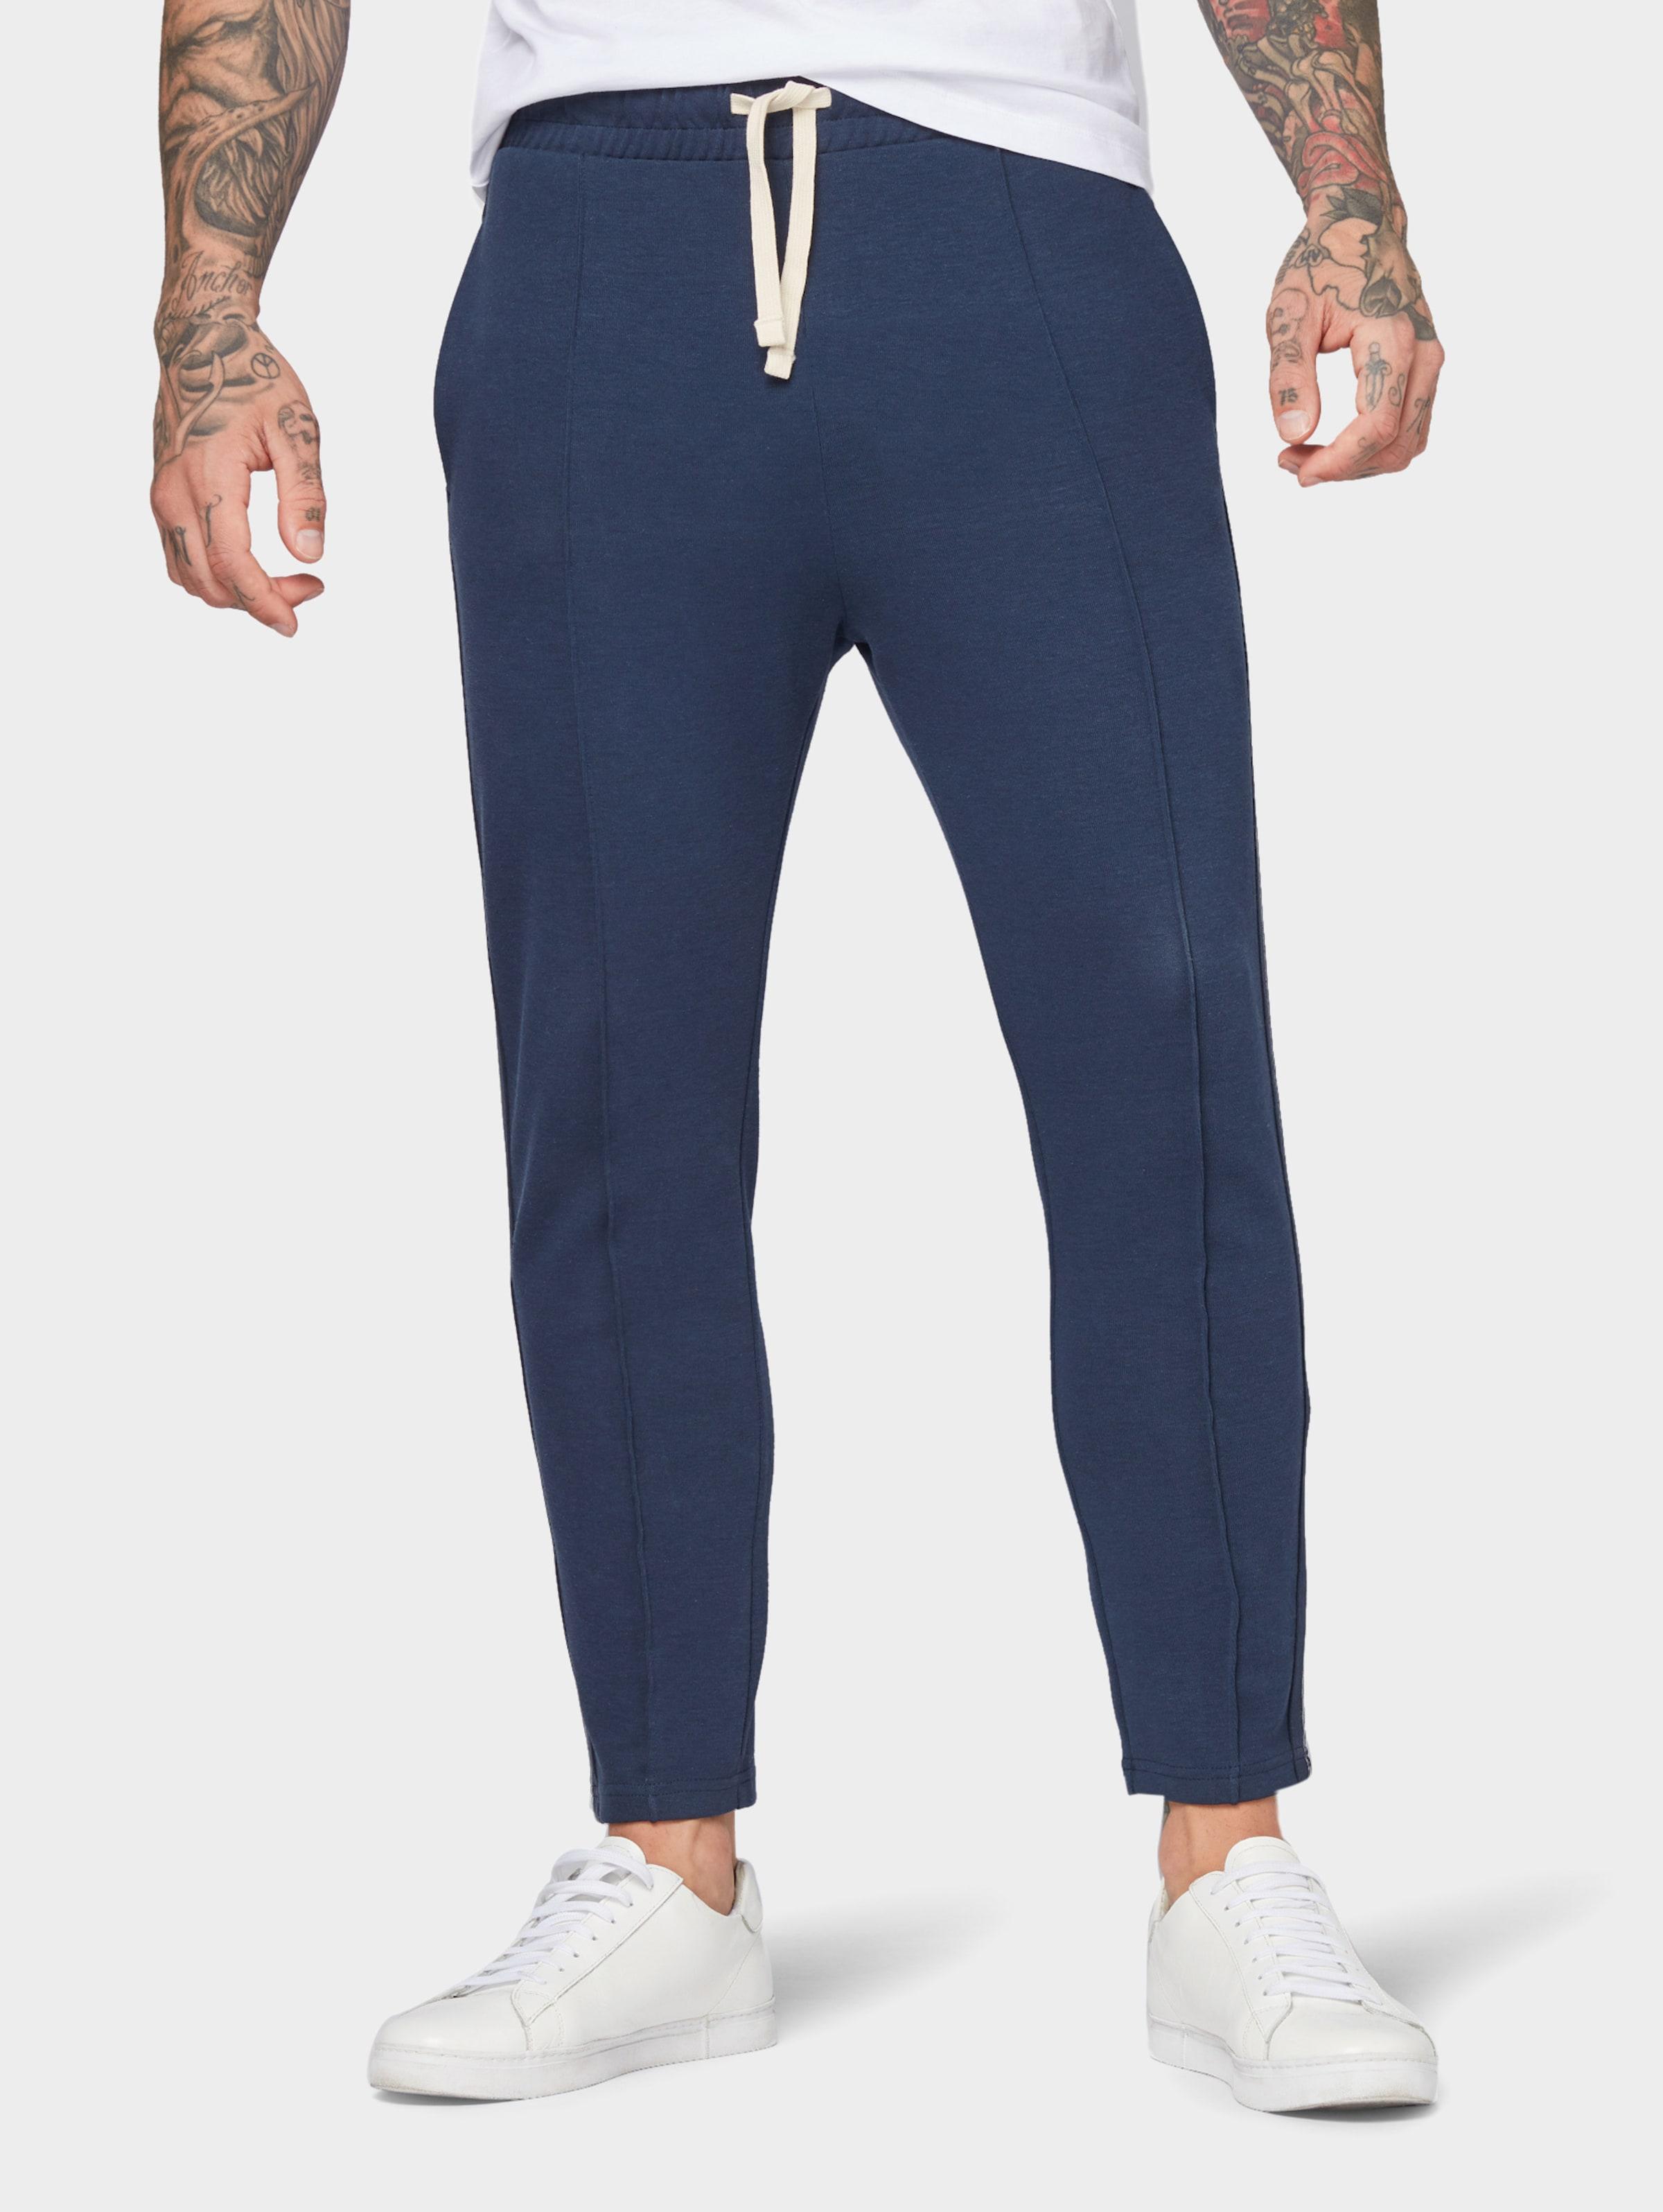 Sweathose Tape In Tailor Tom Denim details Nachtblau Mit 0wOnkX8P